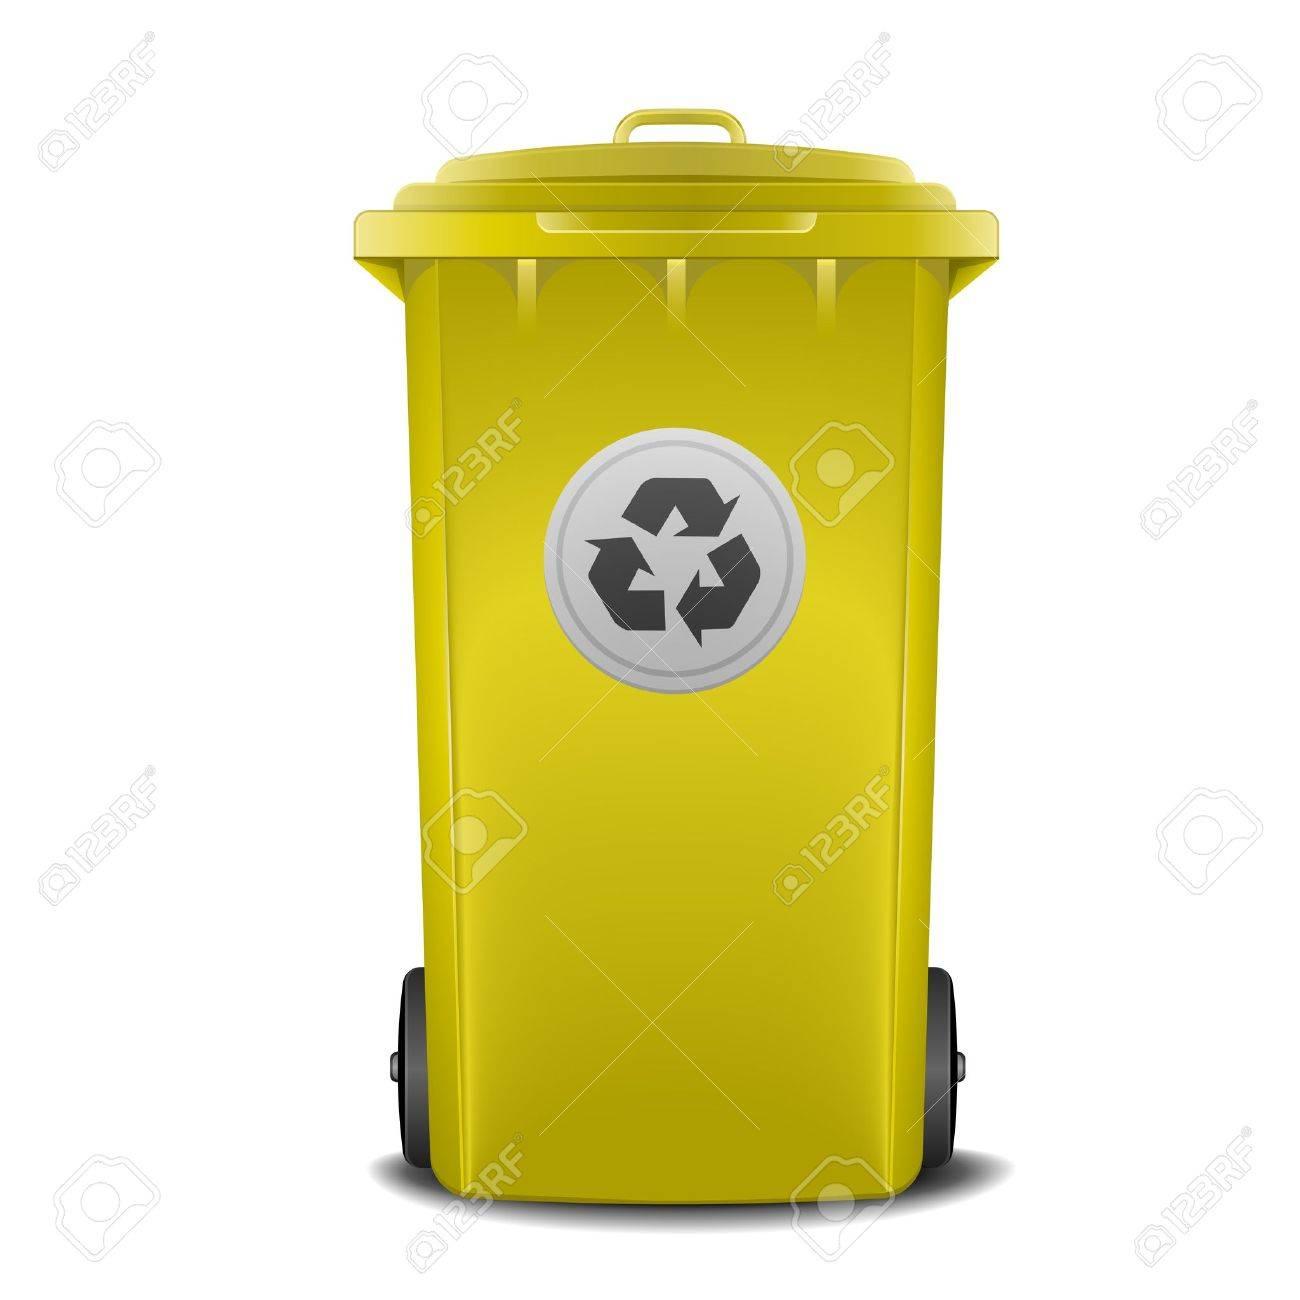 Resultado de imagen para recipiente amarillo reciclaje